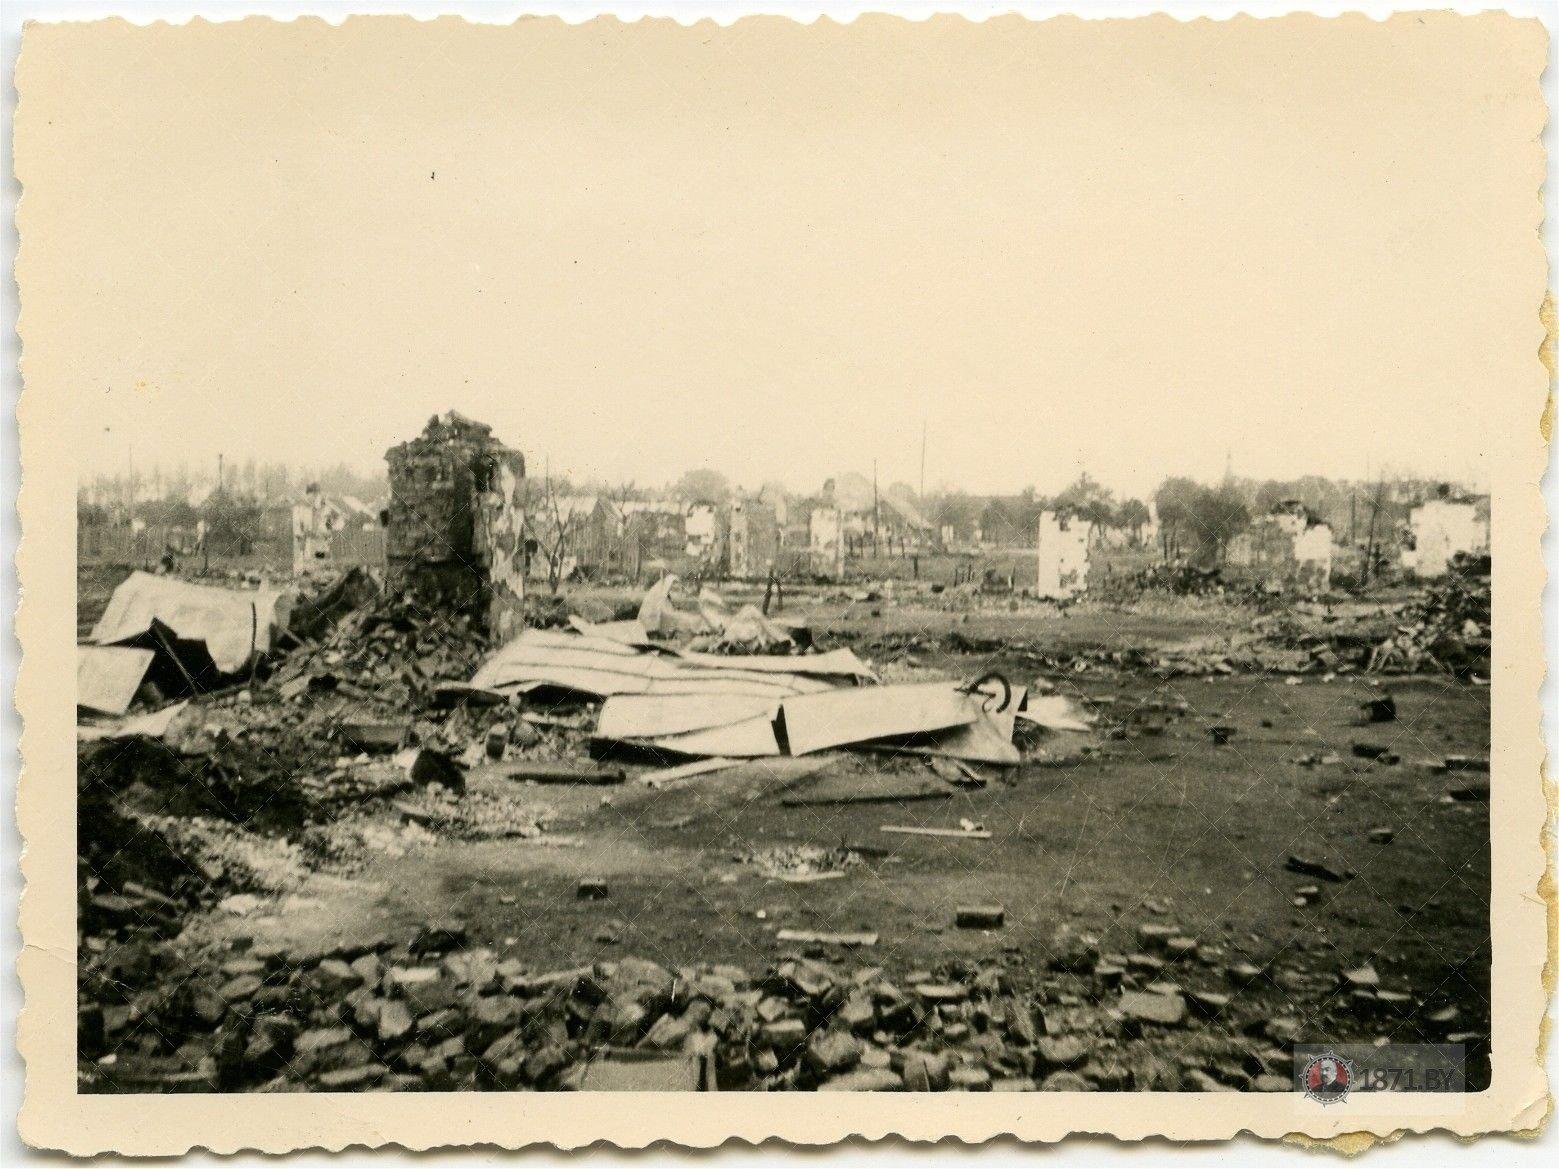 Барановичи, Разрушенные городские кварталы, 1941